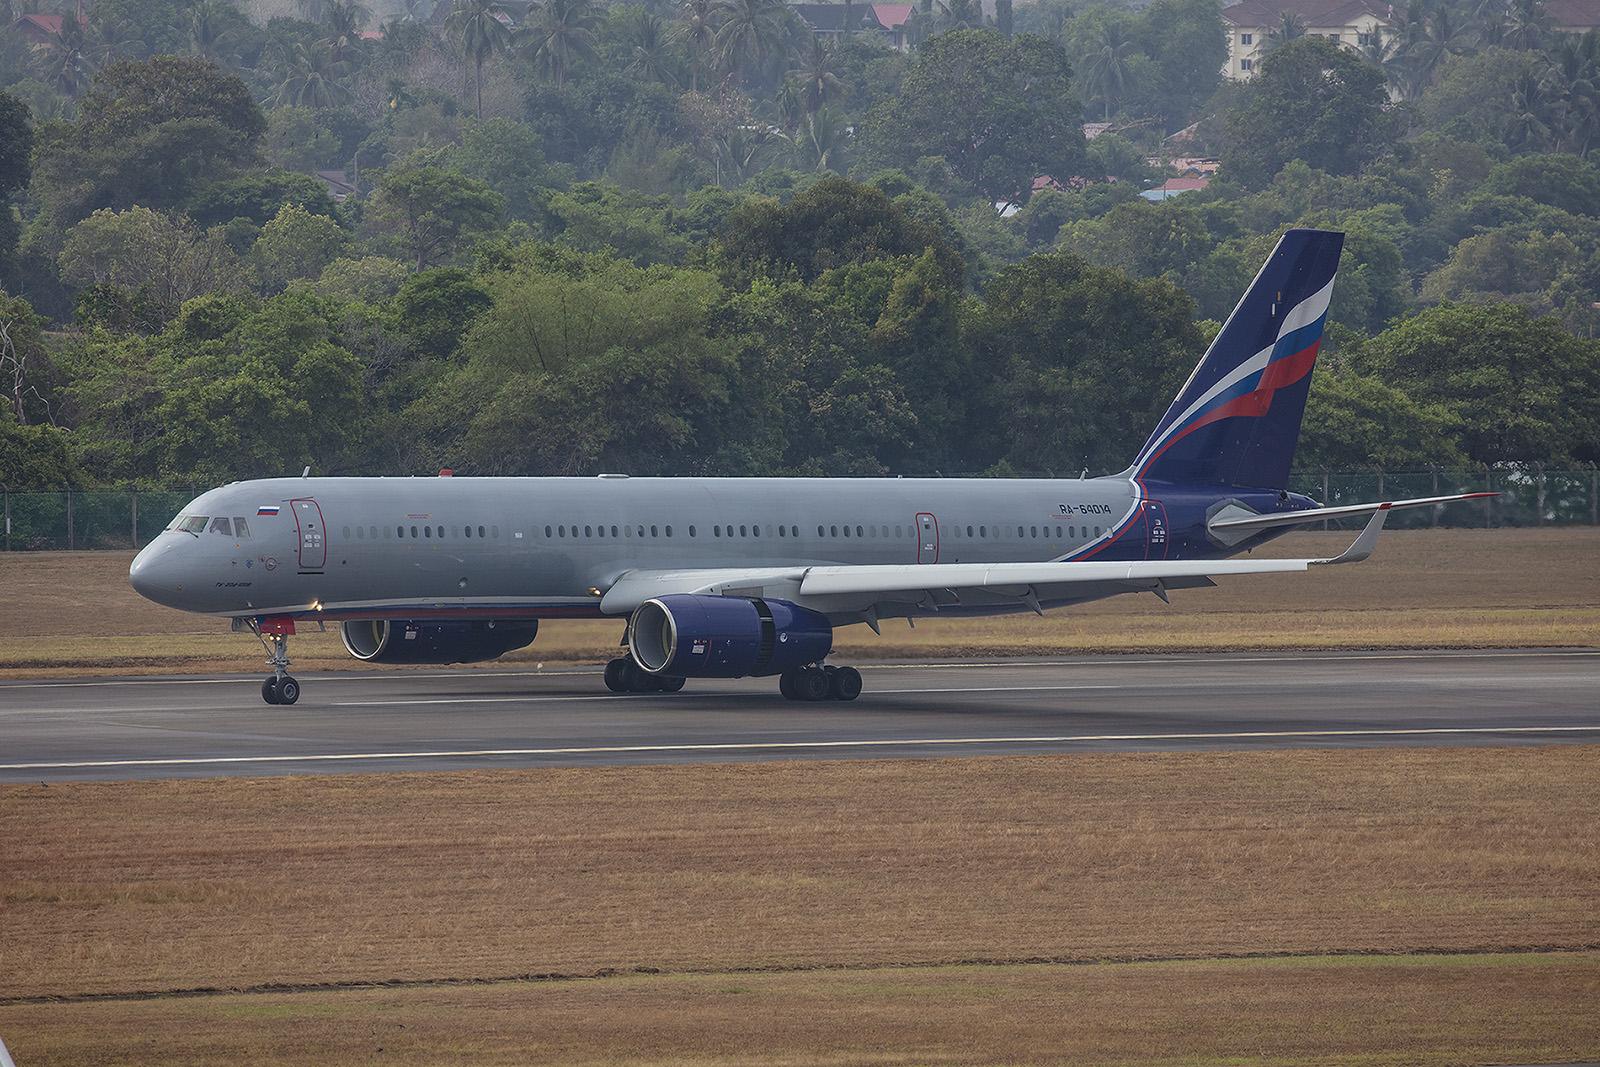 Eine tolle Überraschung war die Tupolev Tu-204 des Rusjet.